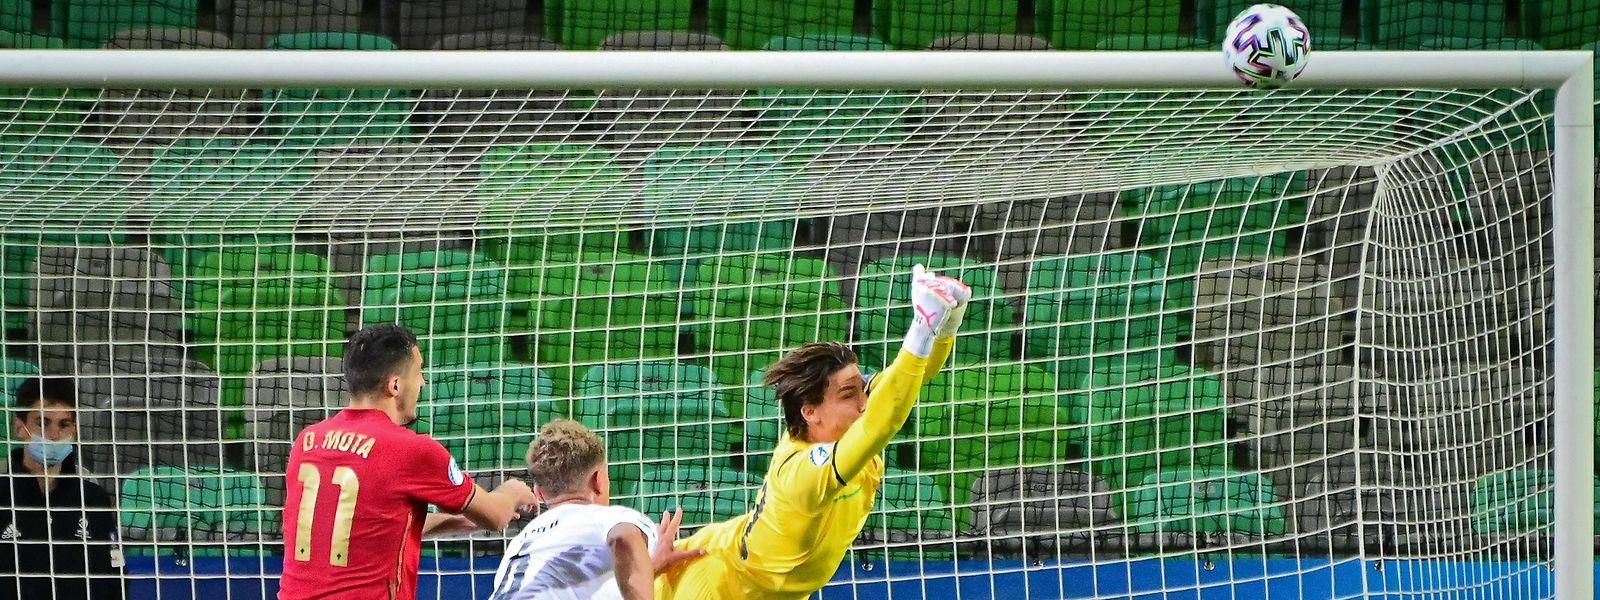 O luso-luxemburguês Dany Mota em ação no encontro com os Italianos, que deu a vitória às 'quinas'.